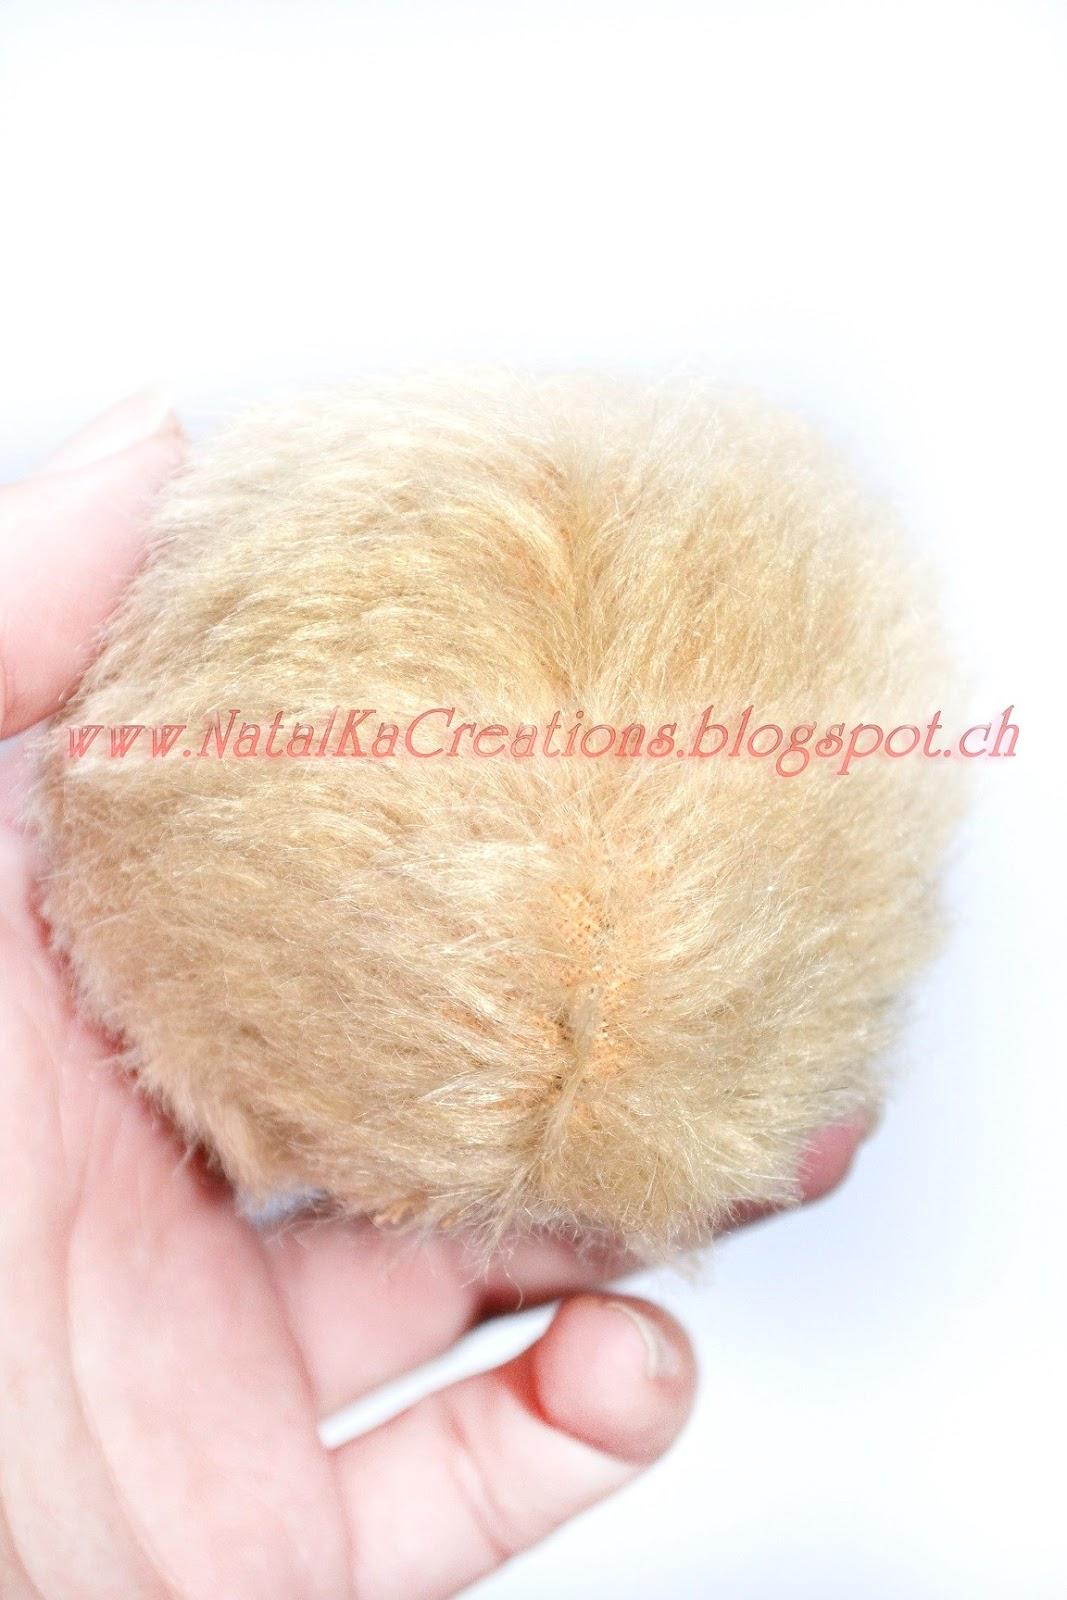 онлайн мастер-класс по пошиву мишки тедди, как сшить мишку тедди, совместный пошив по мишке тедди от NatalKa Creations